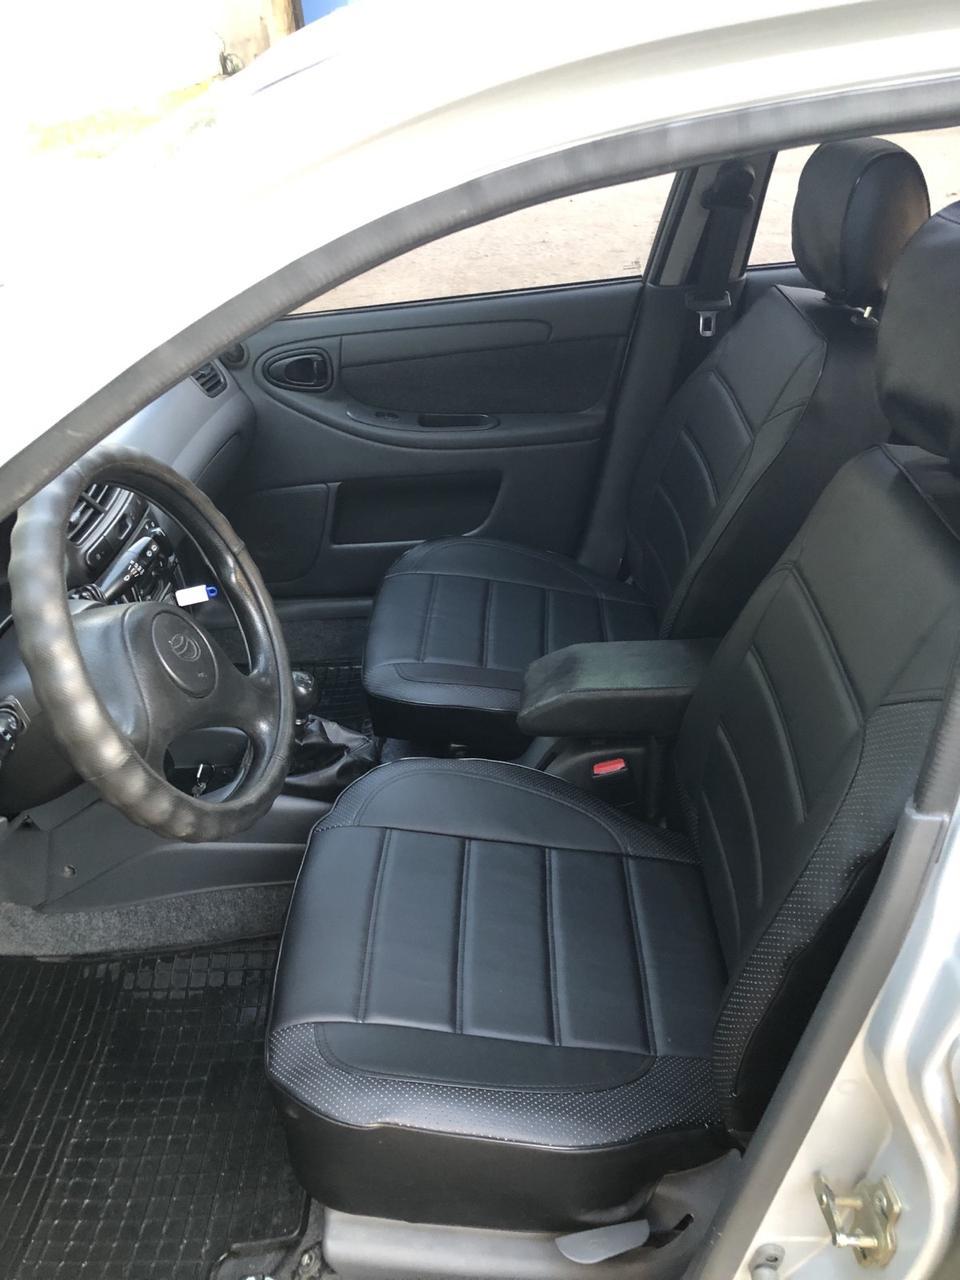 Чехлы на сиденья Сузуки СХ4 (Suzuki SX4) модельные MAX-L из экокожи Черный